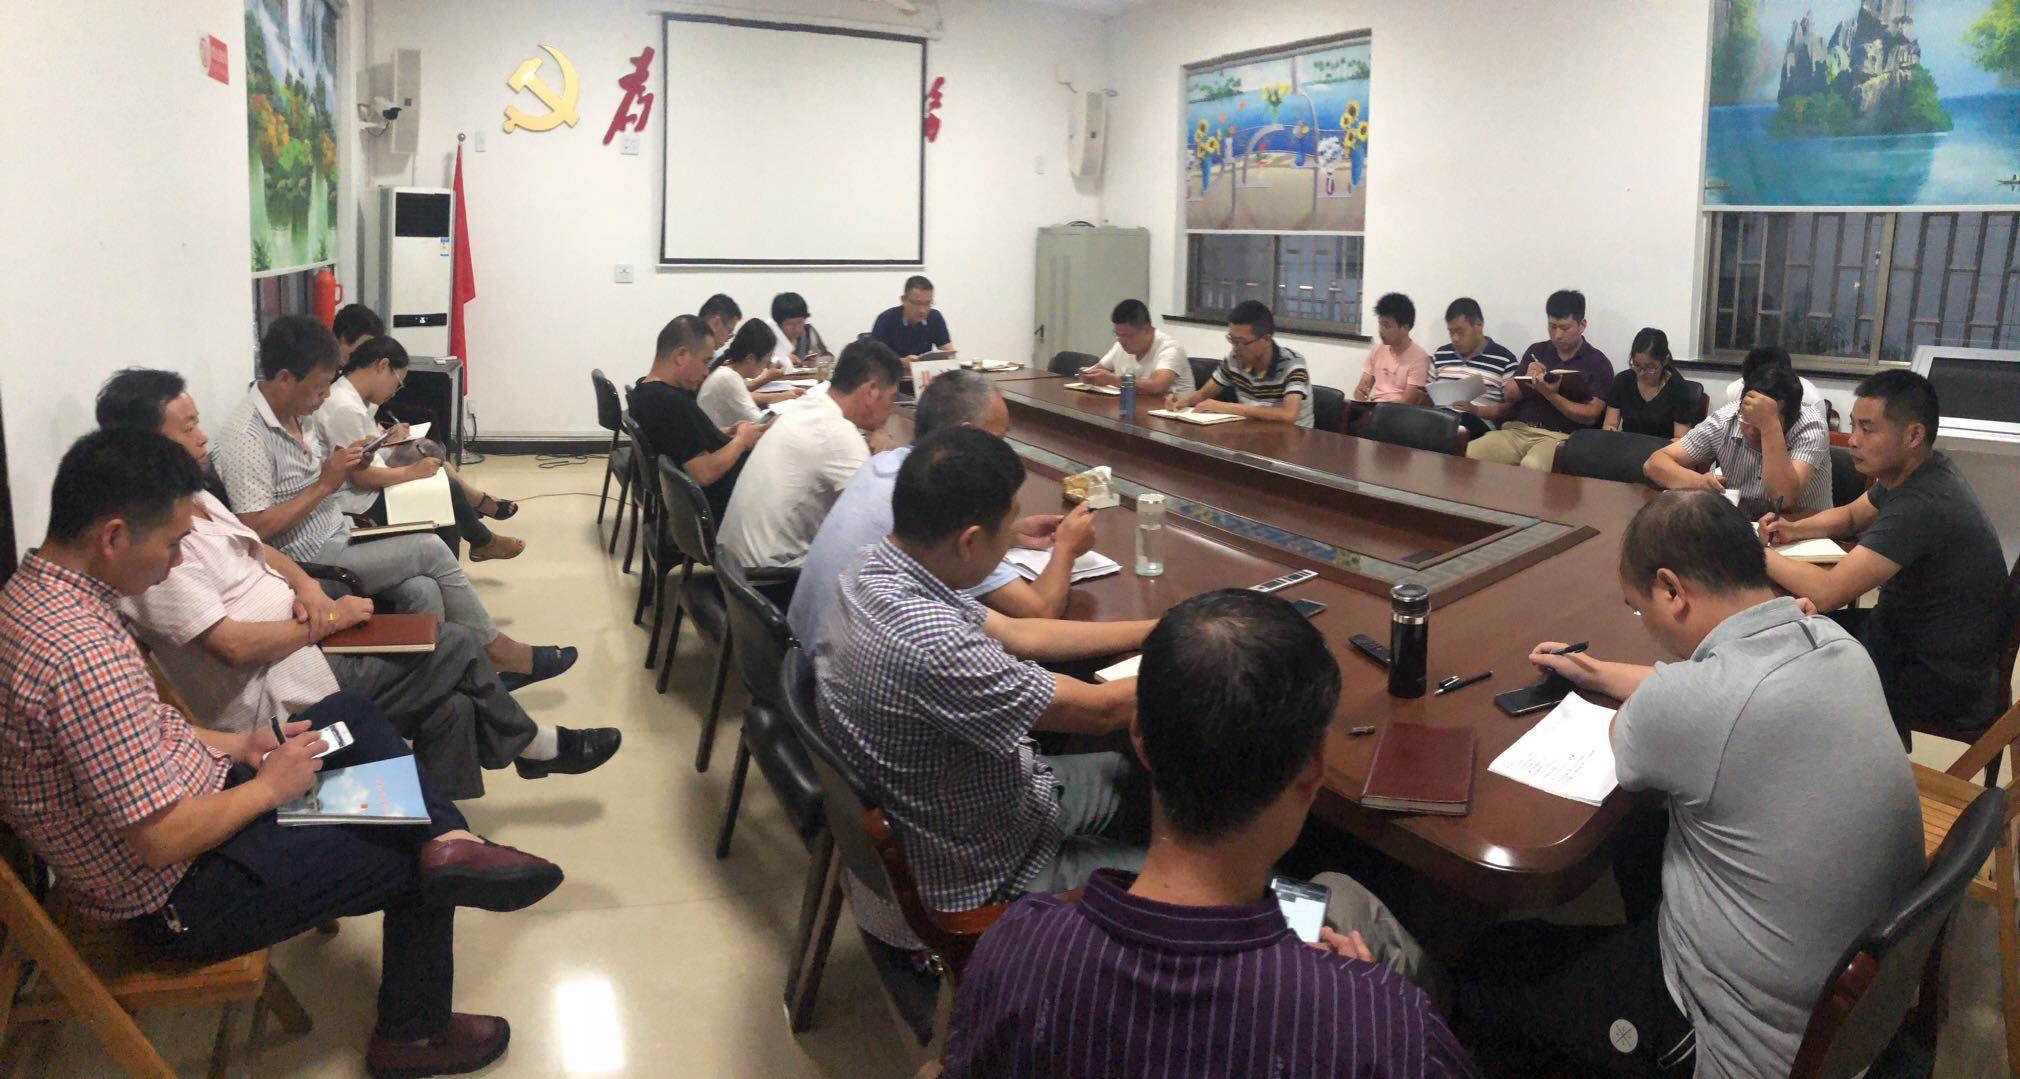 北漳镇全体机关干部学习语言文字督查工作相关内容